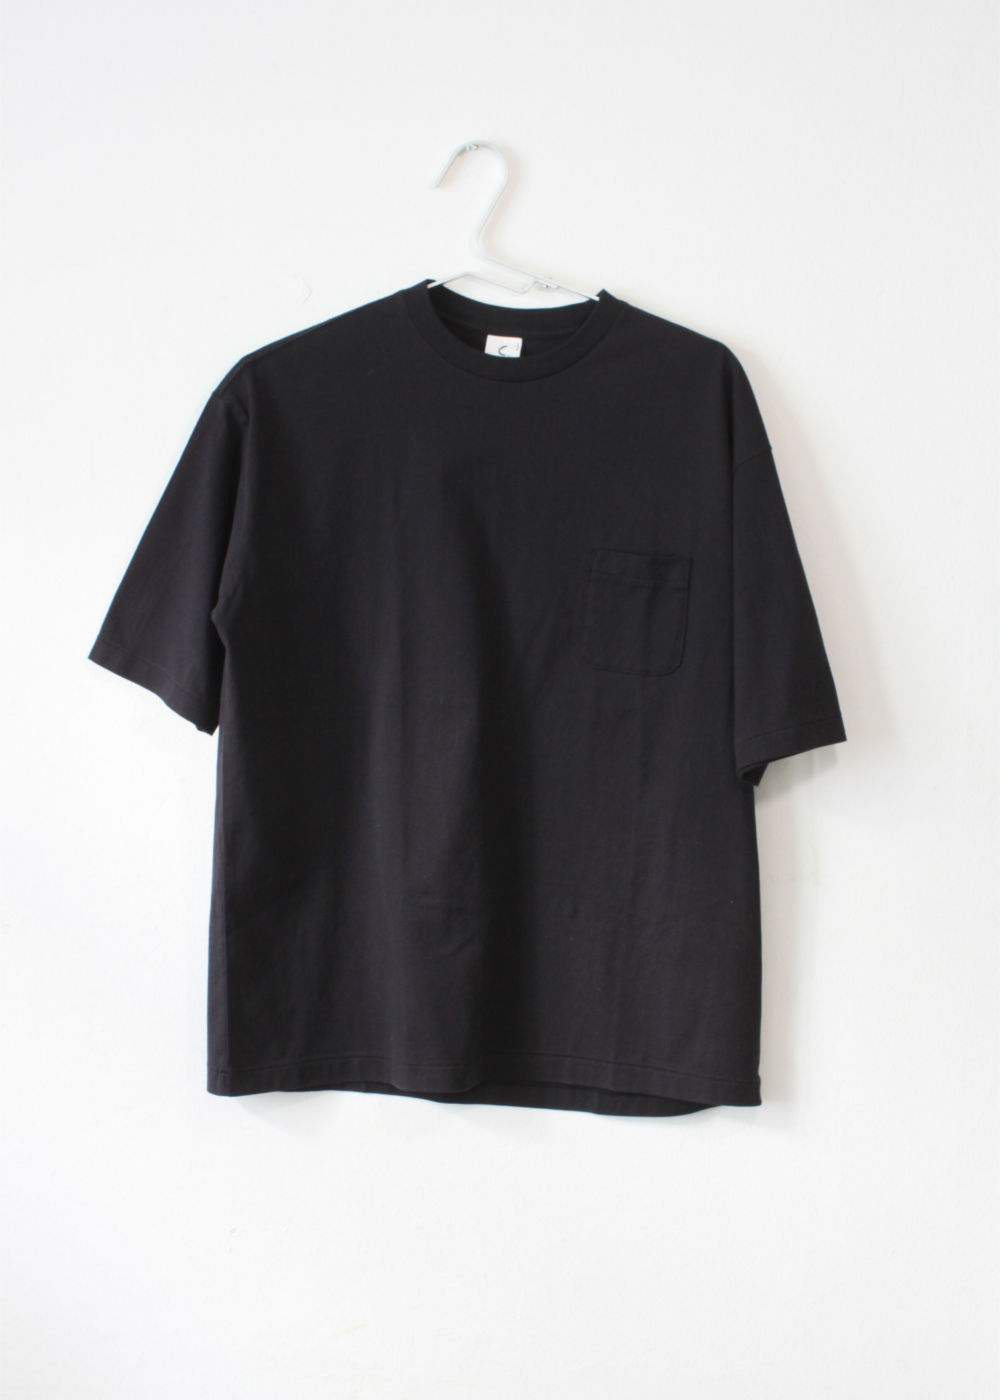 CTheHadagi-Crew-Neck-Short-Sleeve-T-shirts-With-Pocket-Black